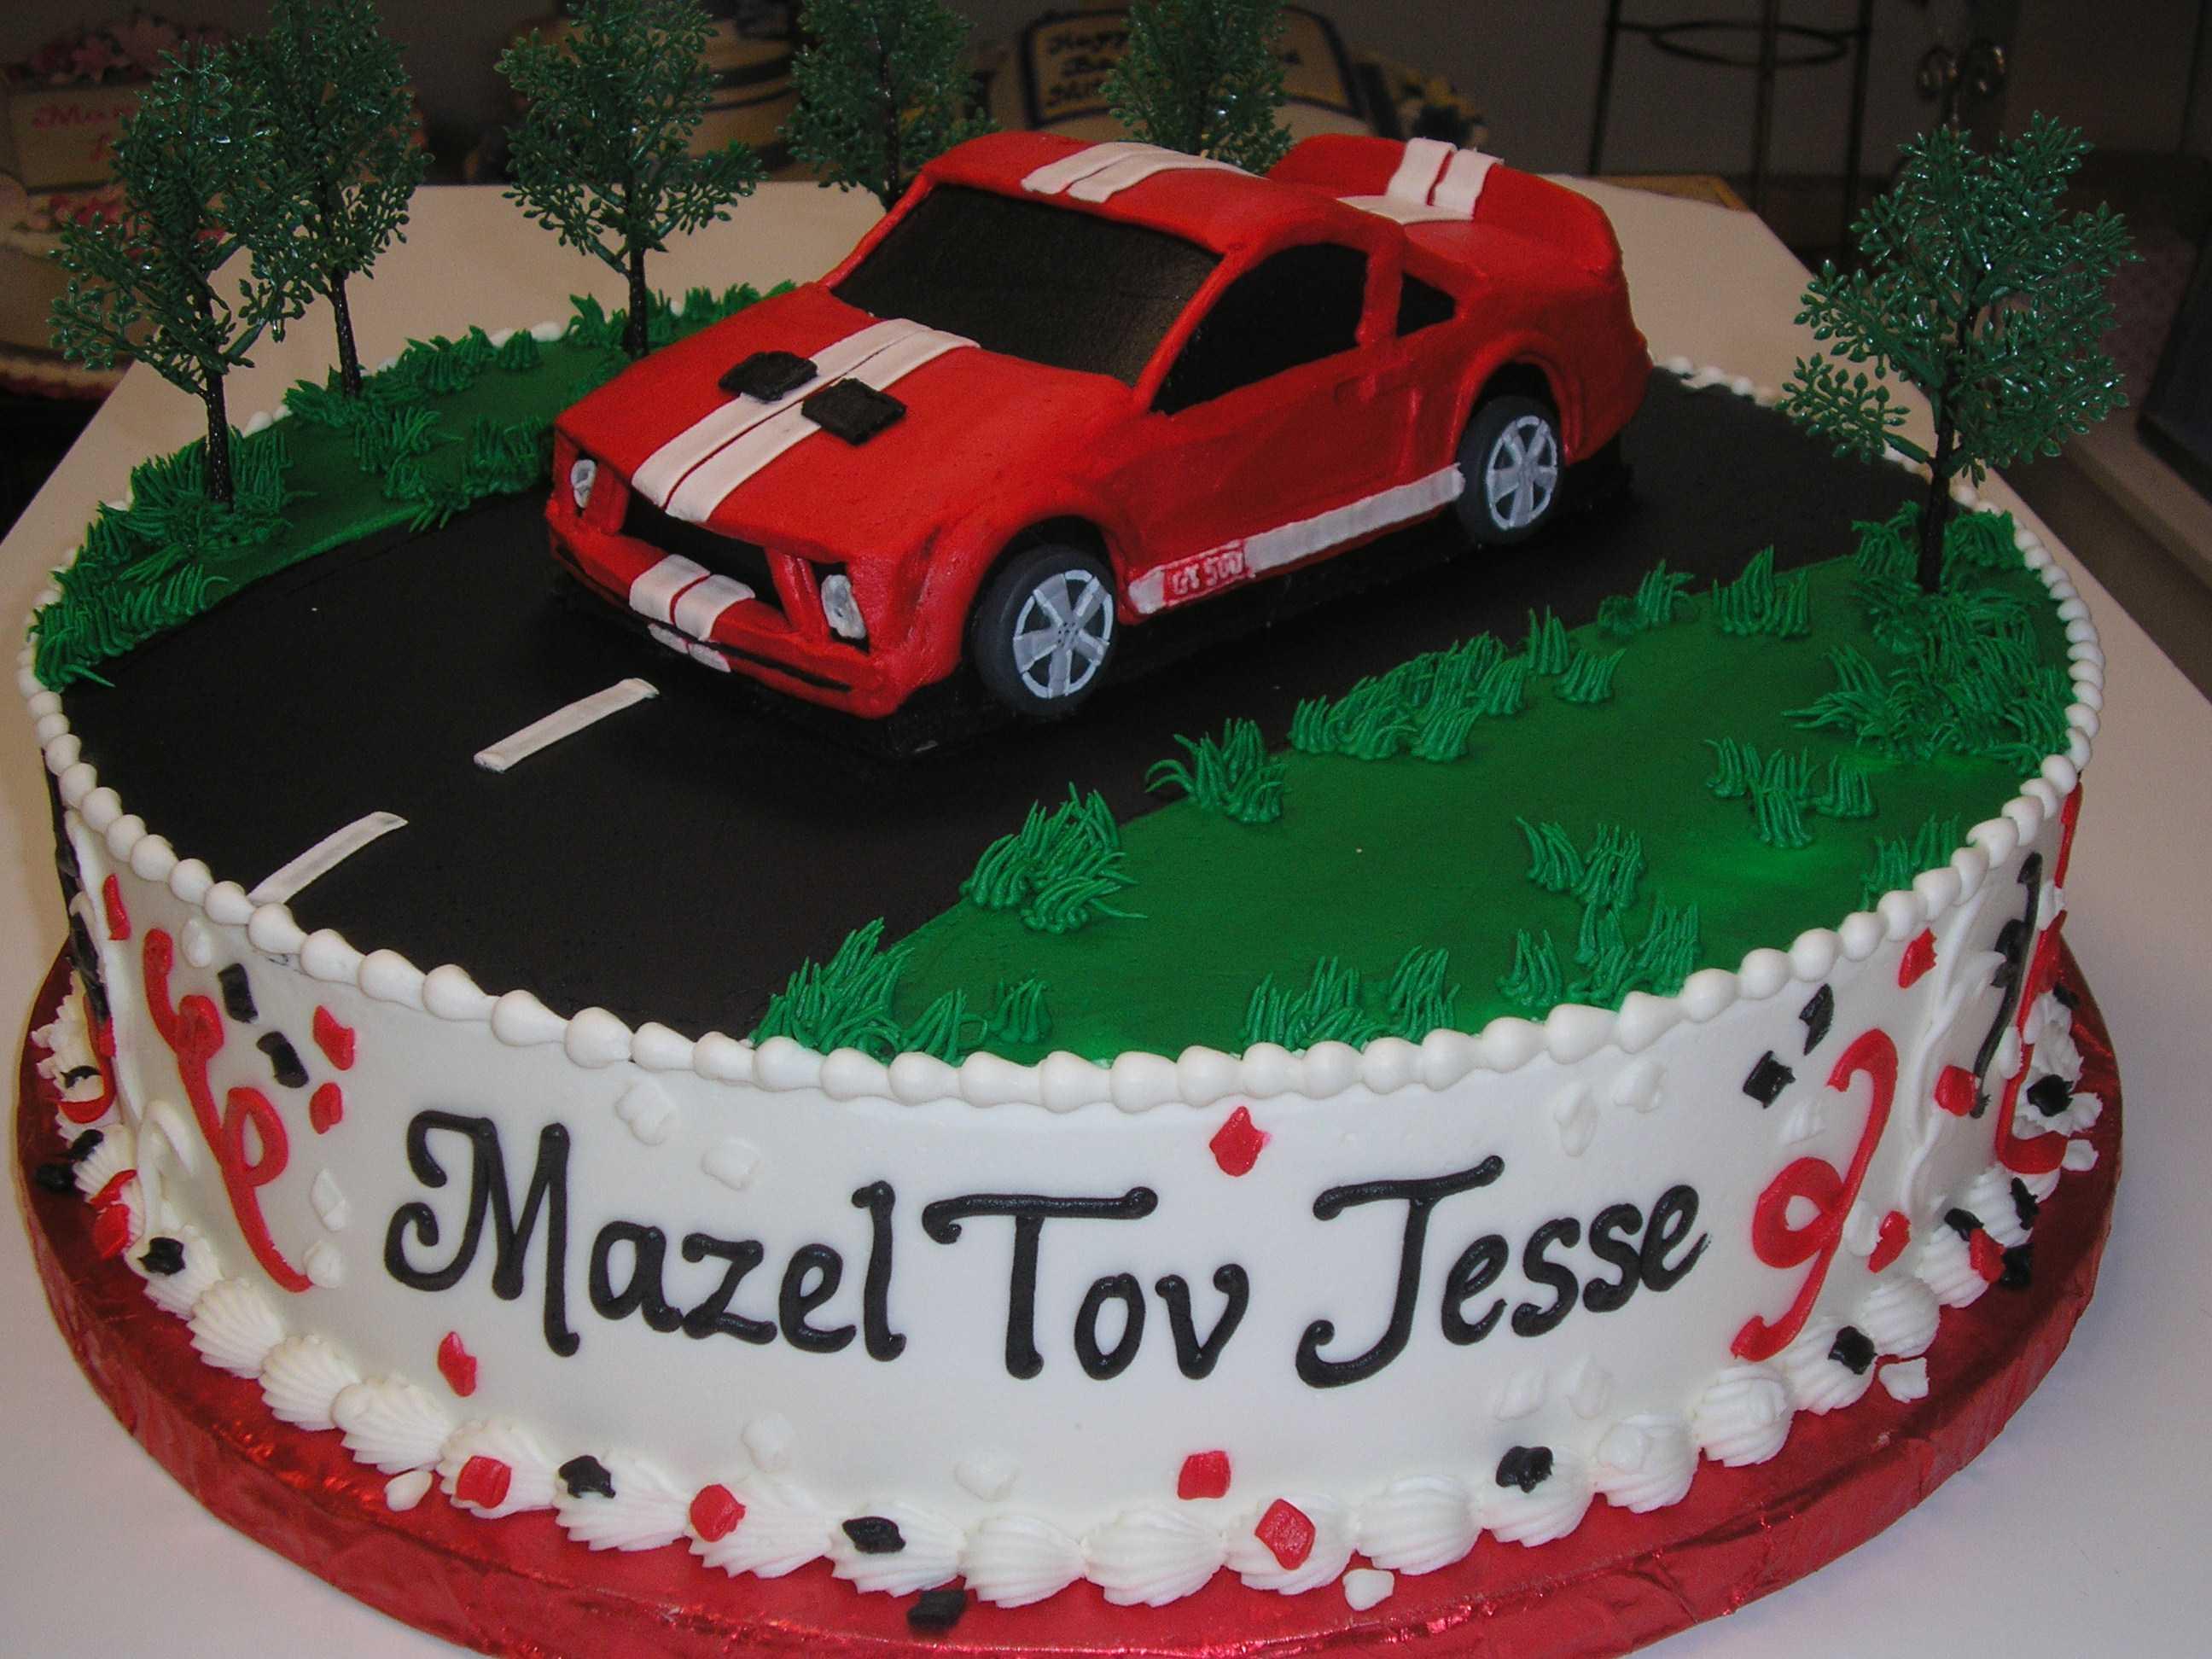 mustang cake, mustang gt cake, racing car cake